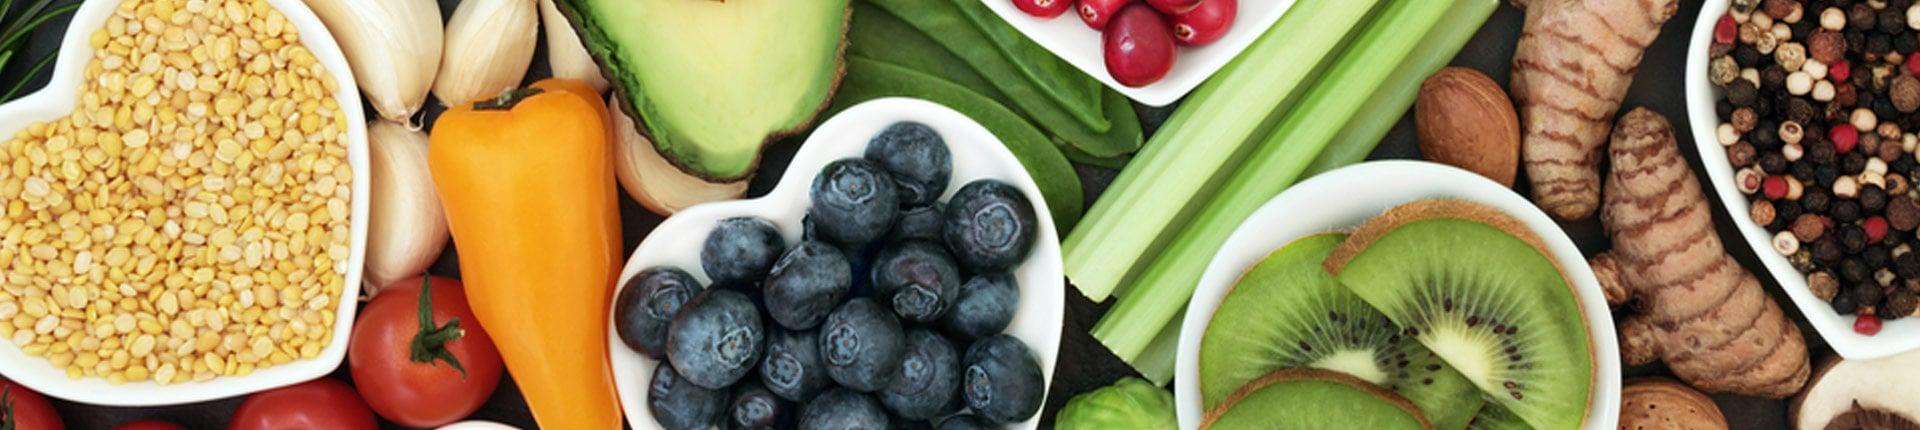 Suplementy i żywność bogata w antyoksydanty